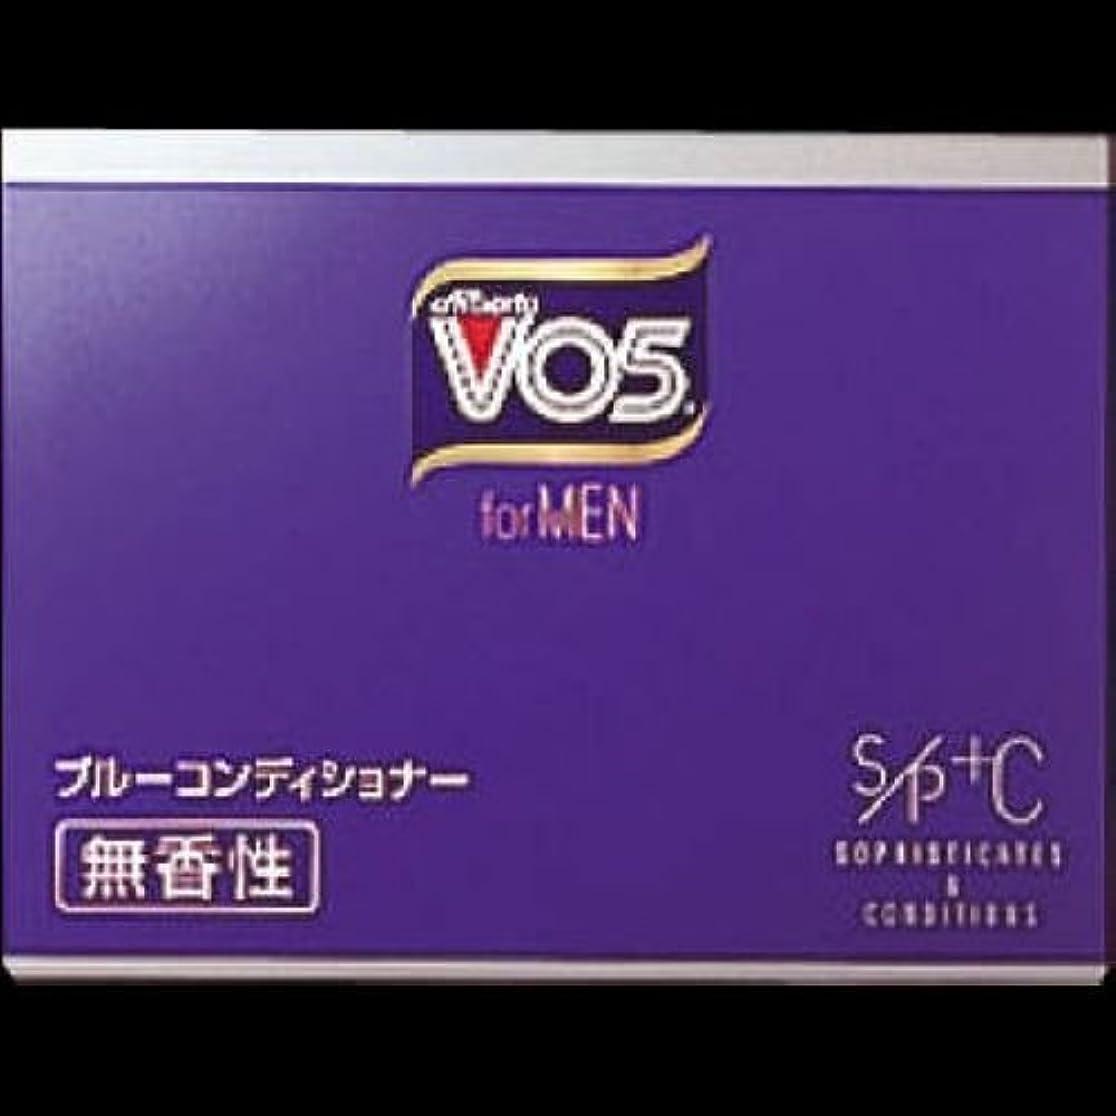 一見地図バケット【まとめ買い】VO5 for MEN ブルーコンディショナー無香性 85g ×2セット